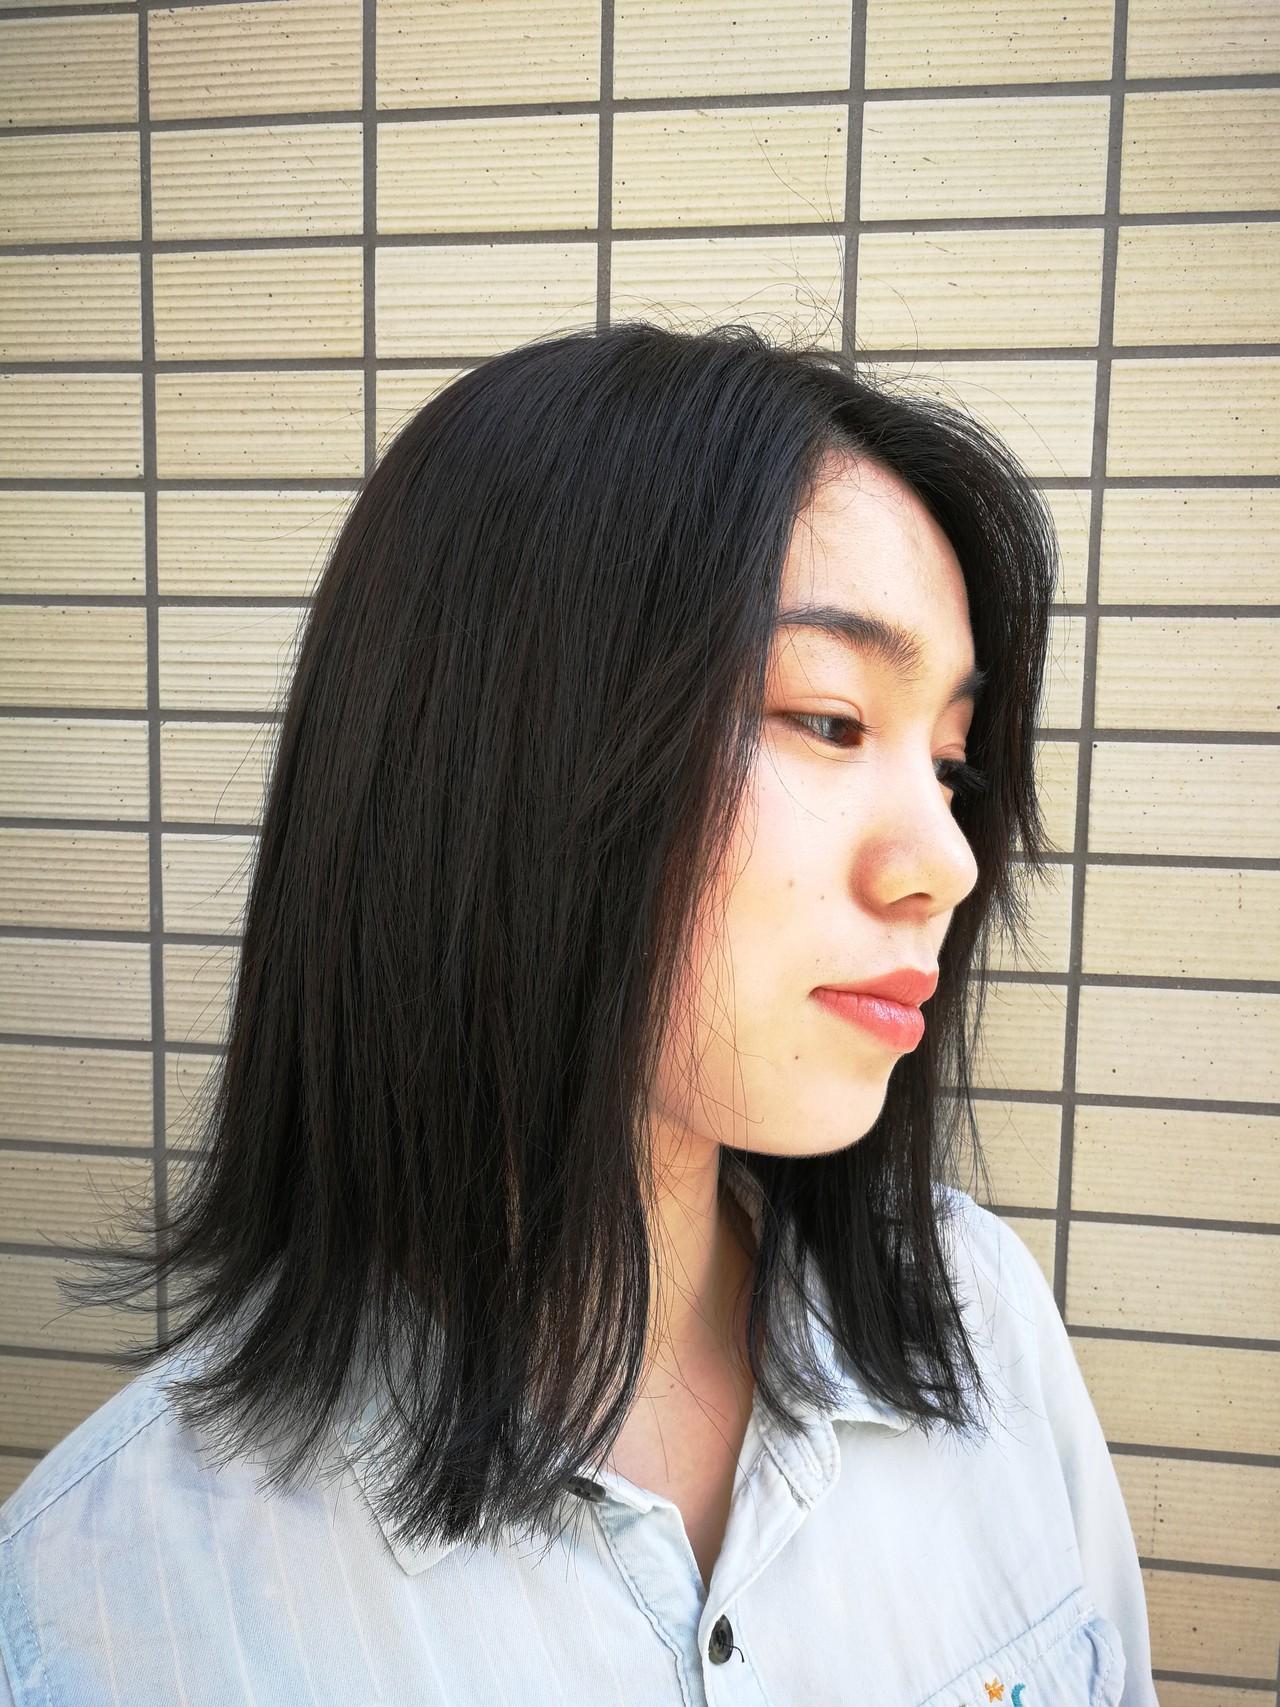 スモーキーカラー ナチュラル ヘアカラー ミディアム ヘアスタイルや髪型の写真・画像 | Saori Kastuki / Holic_beauty_salon